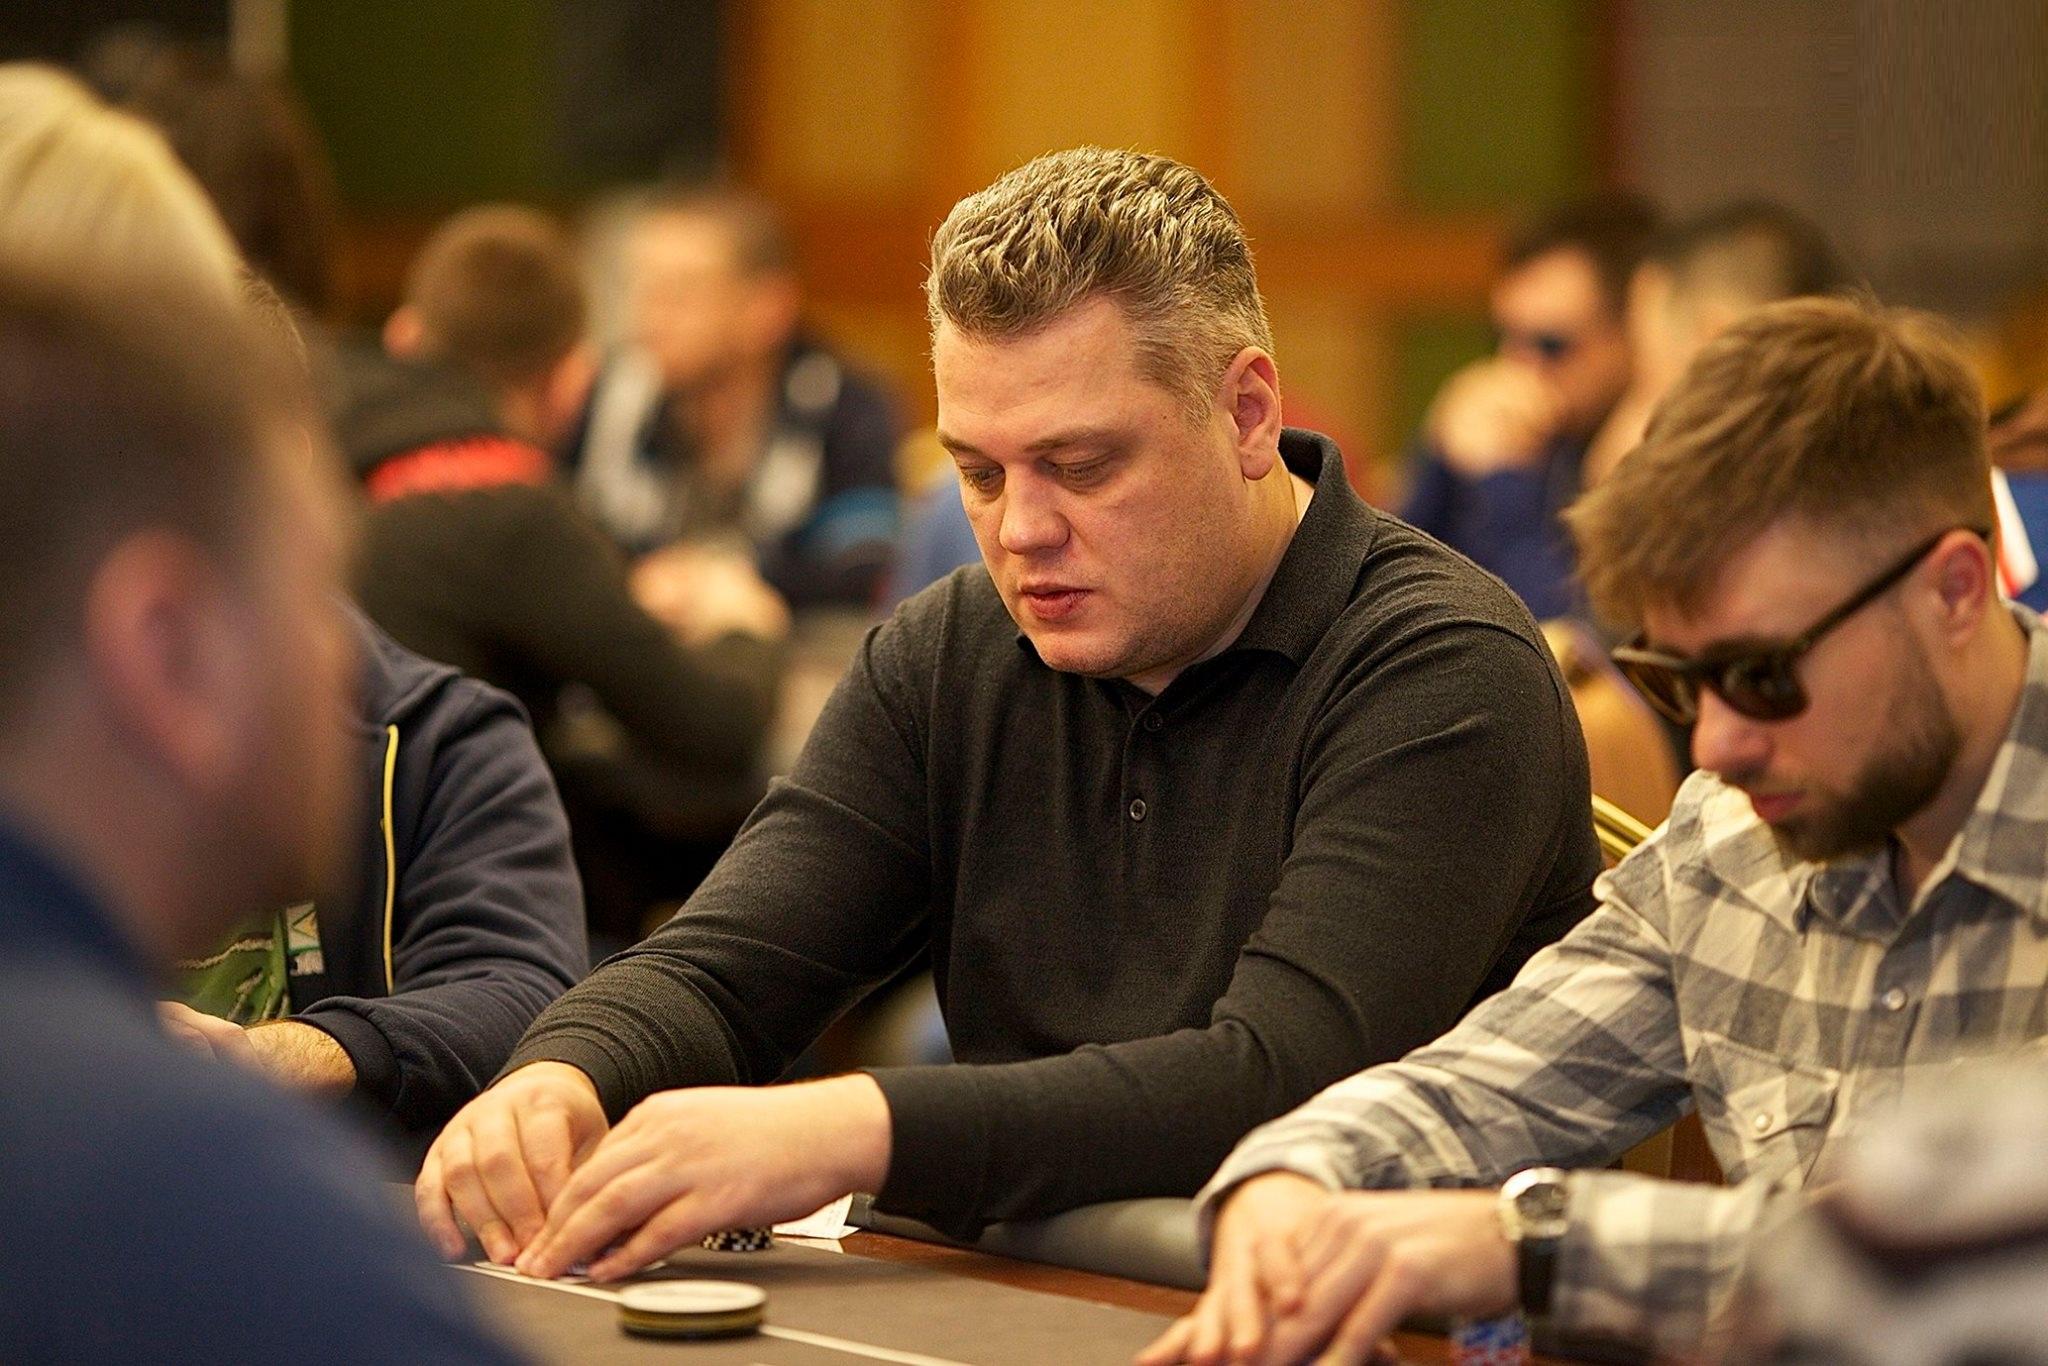 Сергей Рыбаченко: «Времена, когда я легко мог выигрывать деньги игрой, давно позади»